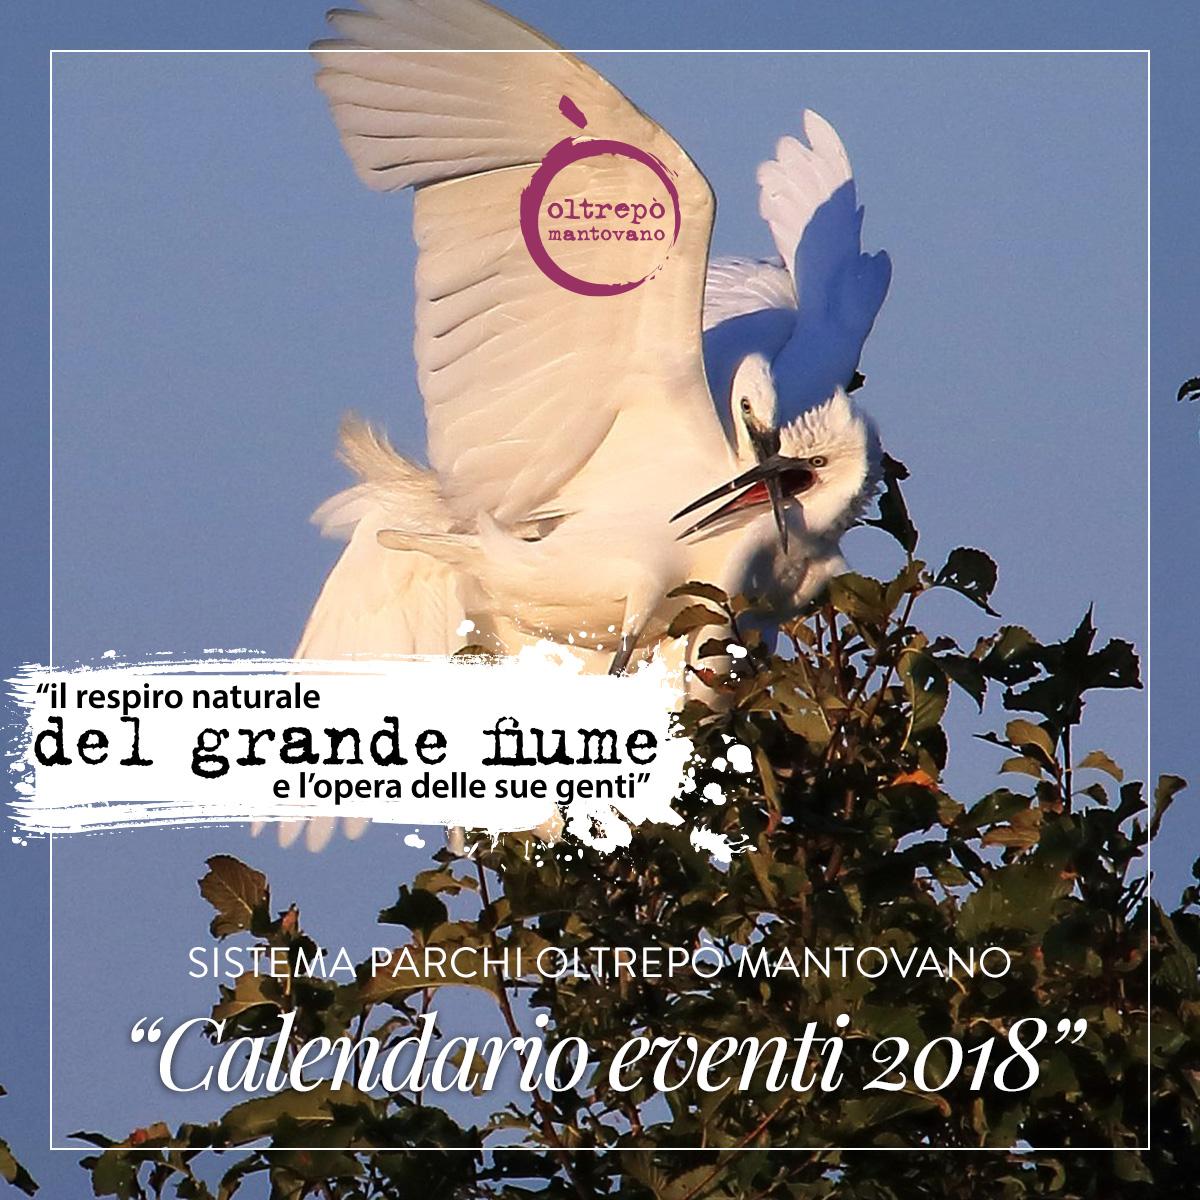 Grande Evento Calendario.Sipom Calendario Eventi 2018 Consorzio Oltrepo Mantovano